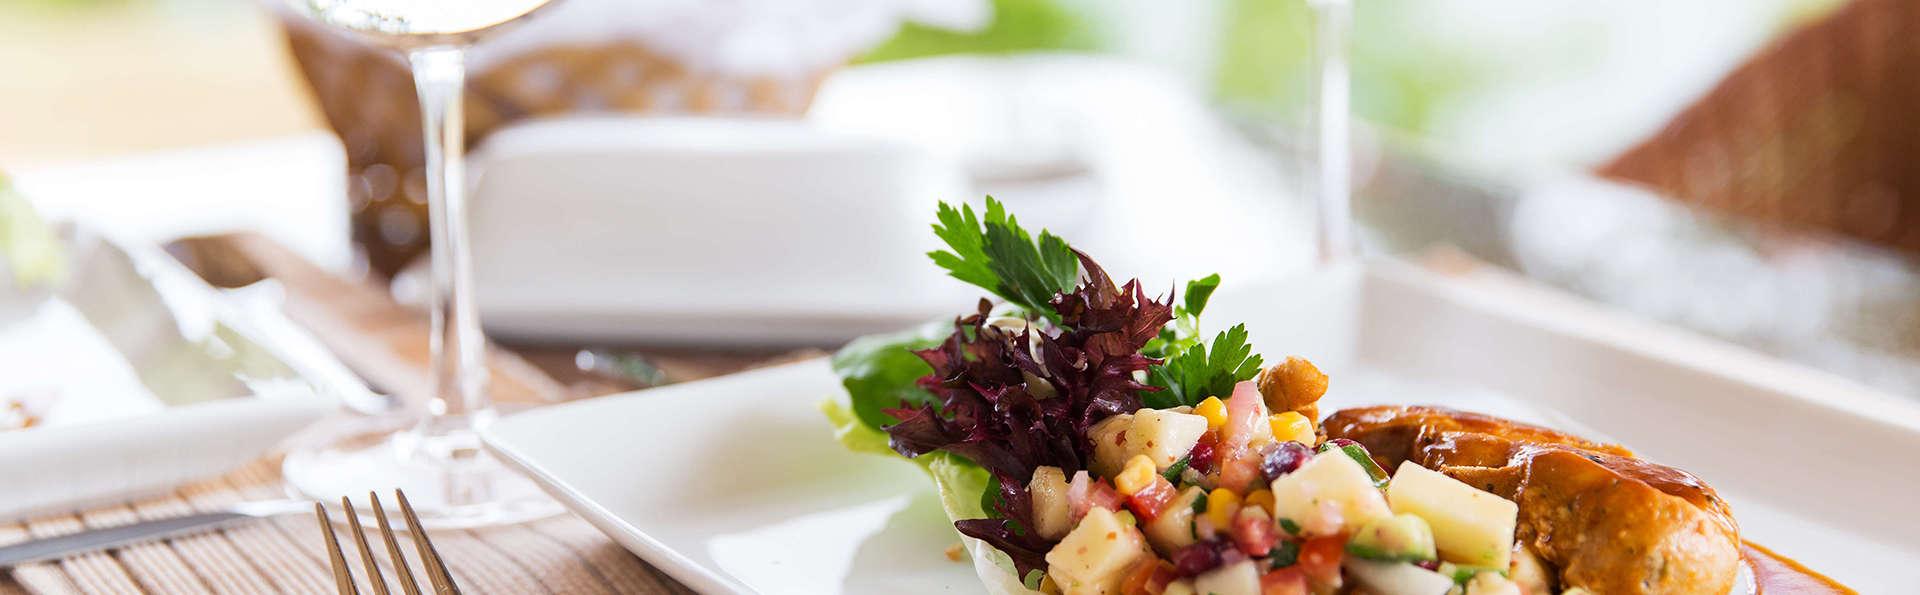 Découvrez les saveurs de la cuisine toscane avec dîner